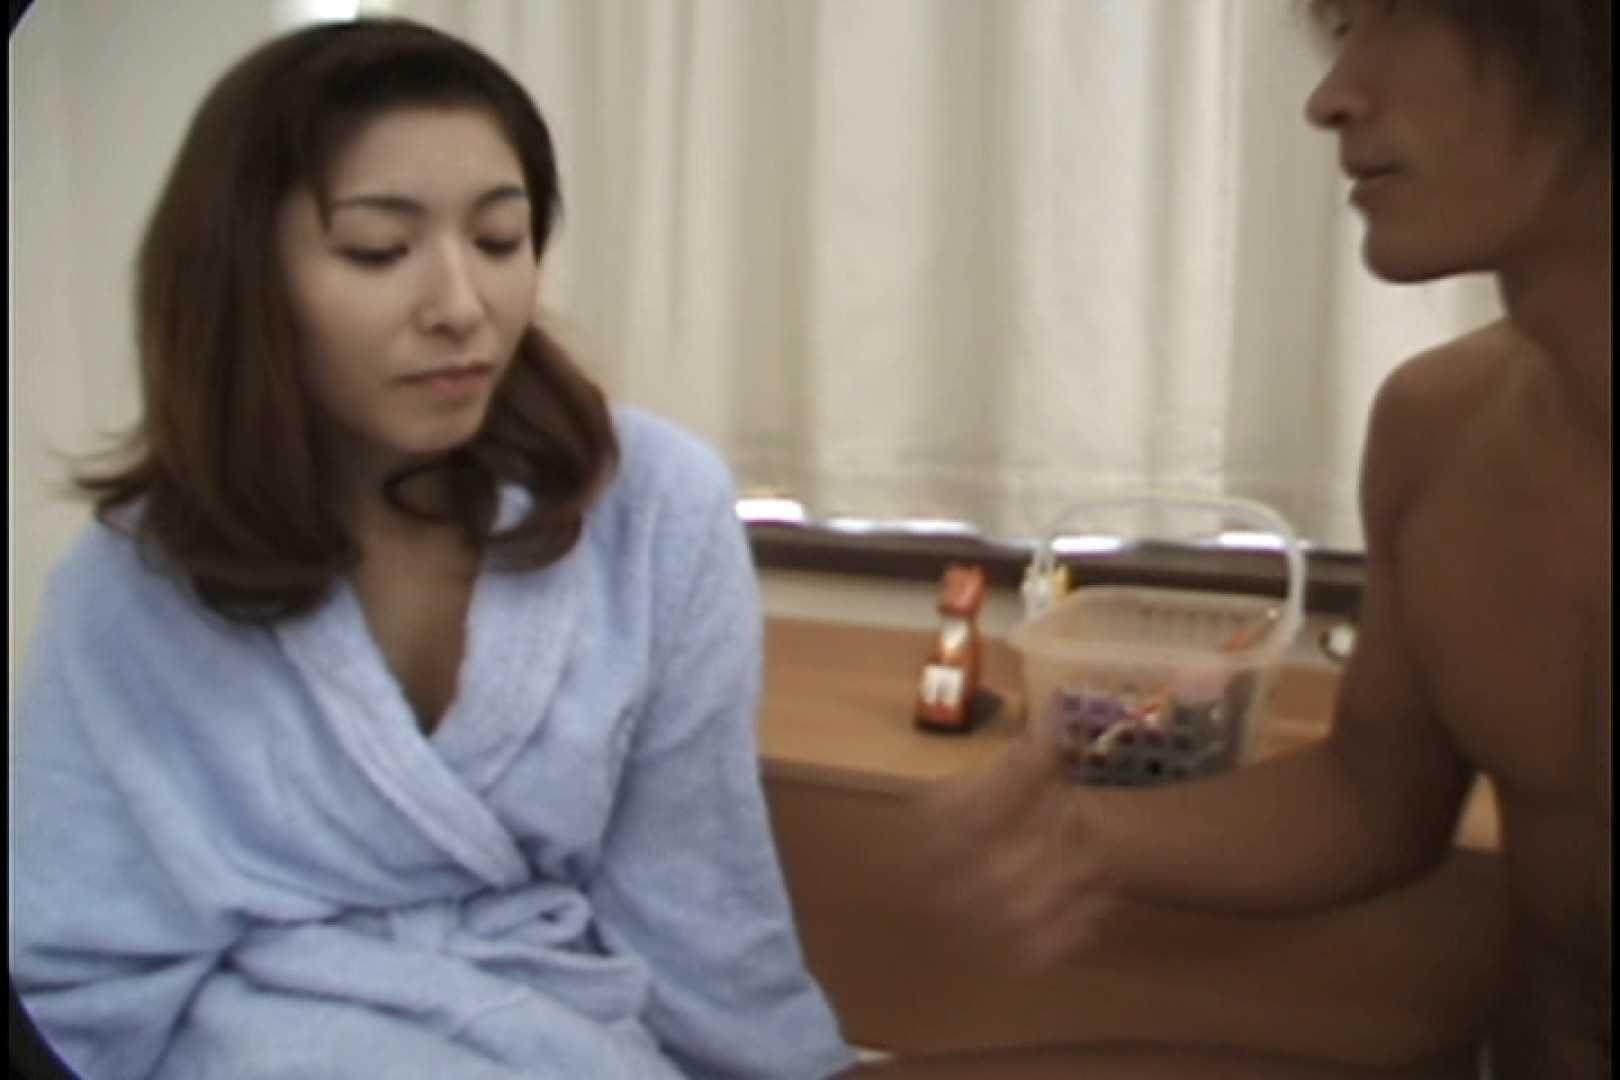 昼間の奥様は欲求不満 ~安田弘美~ SEXプレイ   おっぱい娘  73連発 31